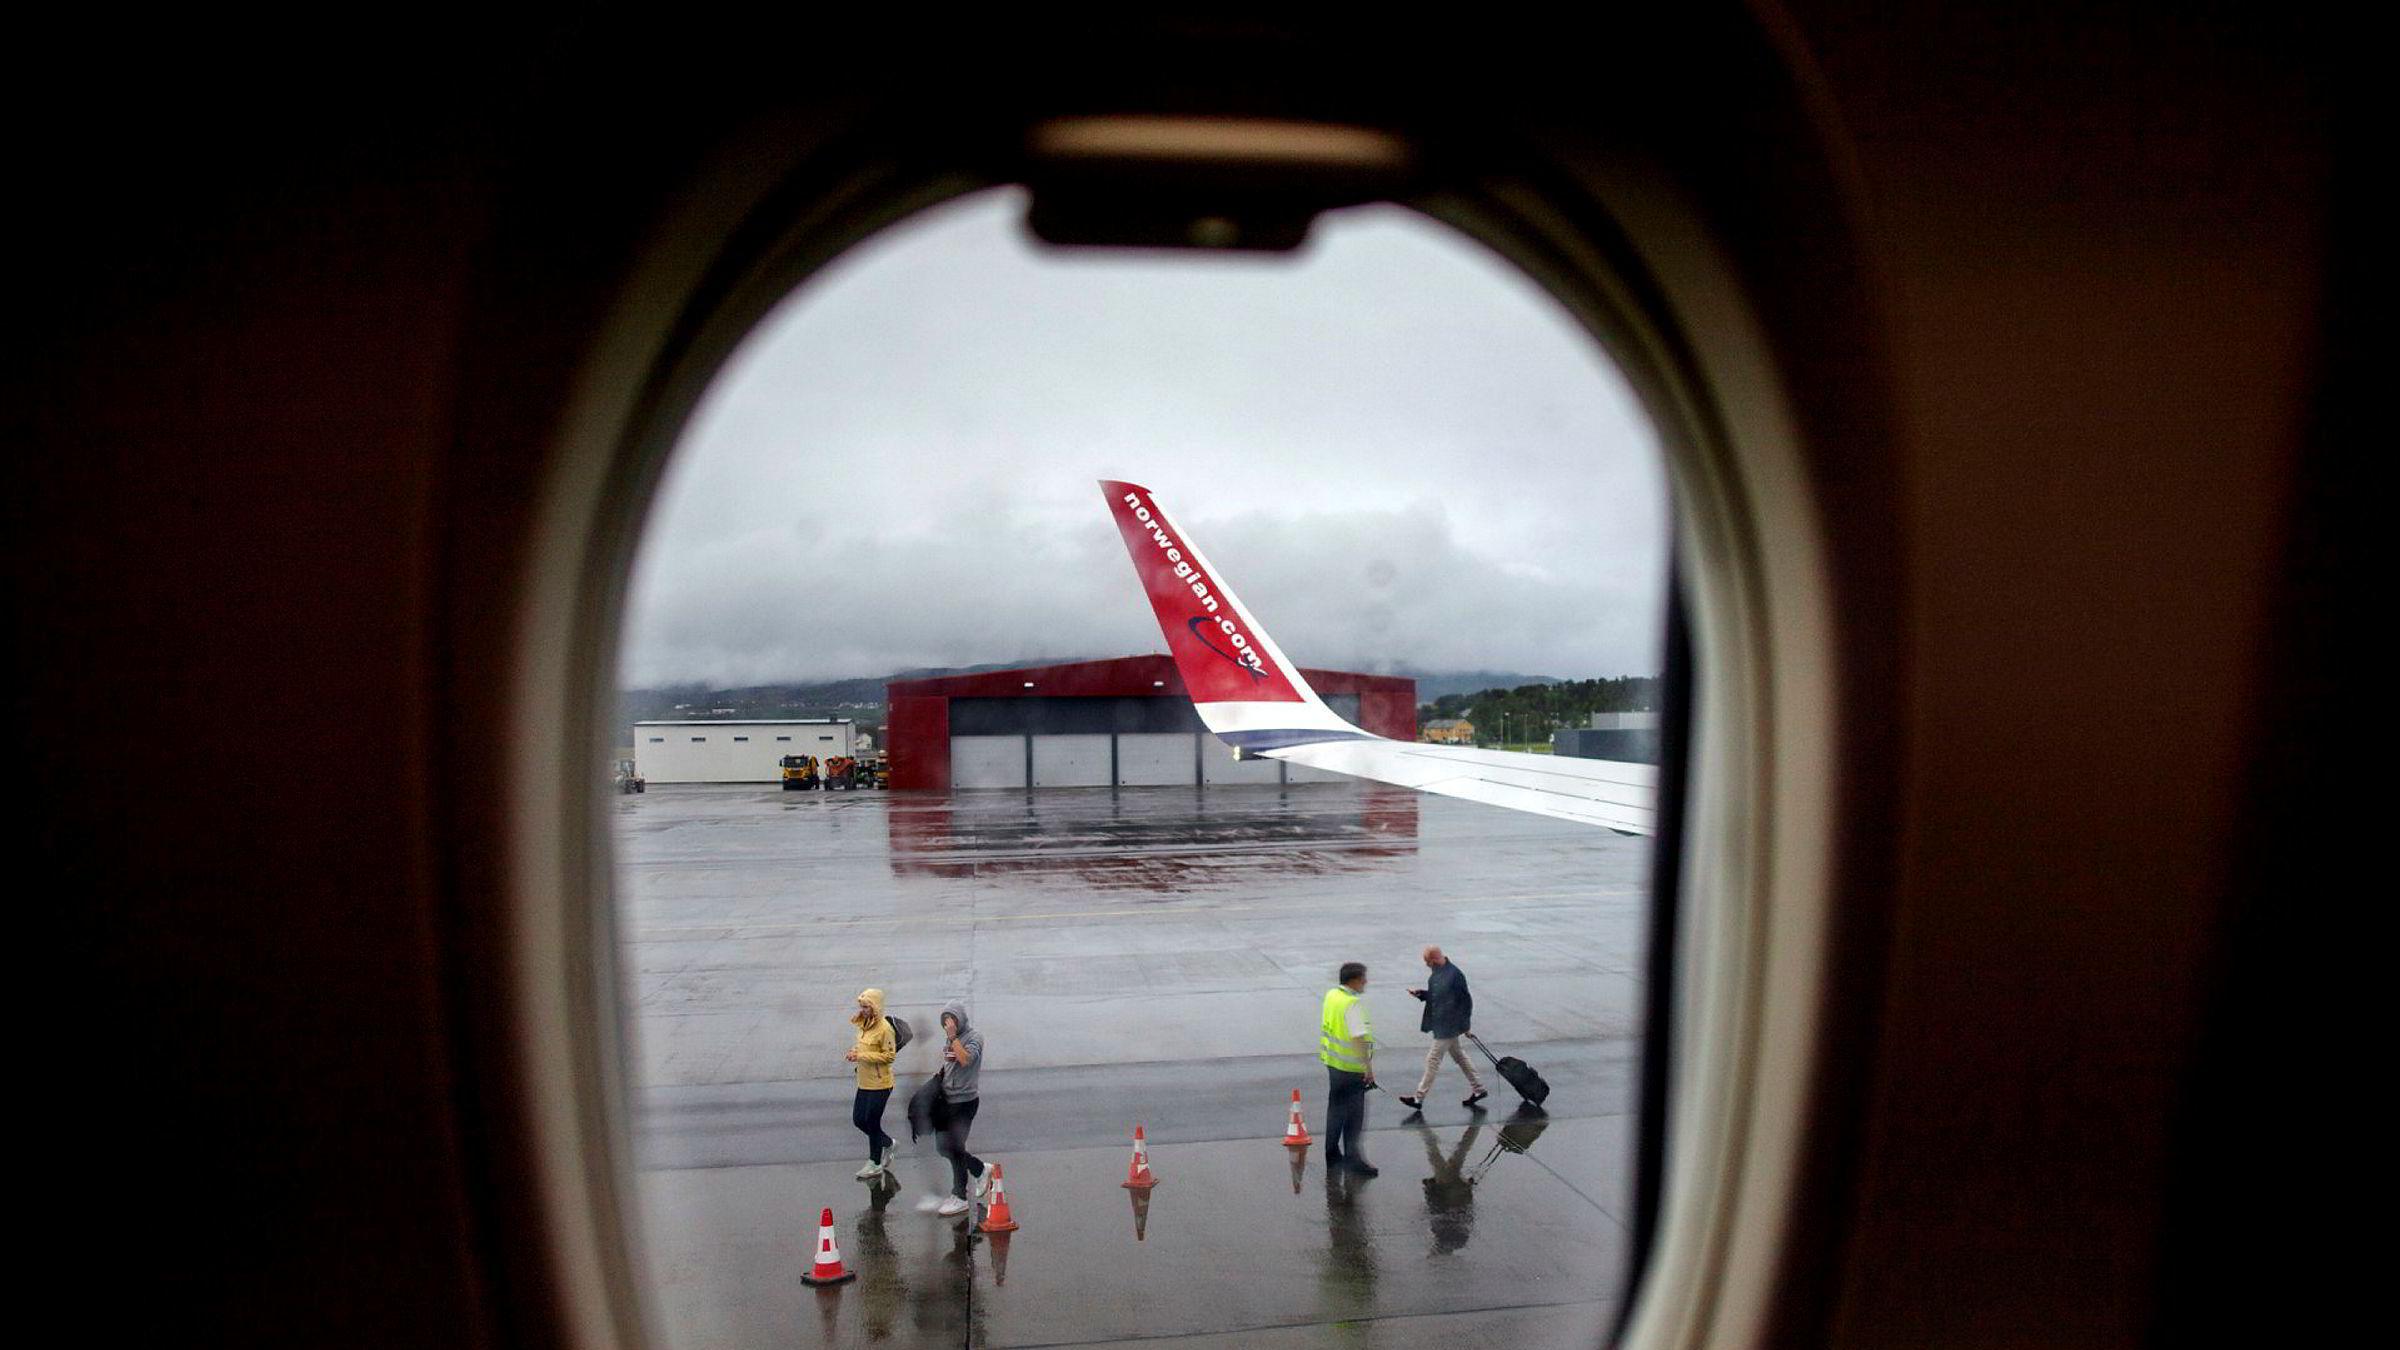 Norwegian har på egen hånd valgt å fly færre avganger – for å få opp fortjenesten. Men nå merker reisebyråene nye holdninger til flyreiser hos de viktige forretningsreisende. Her fra Alta lufthavn.